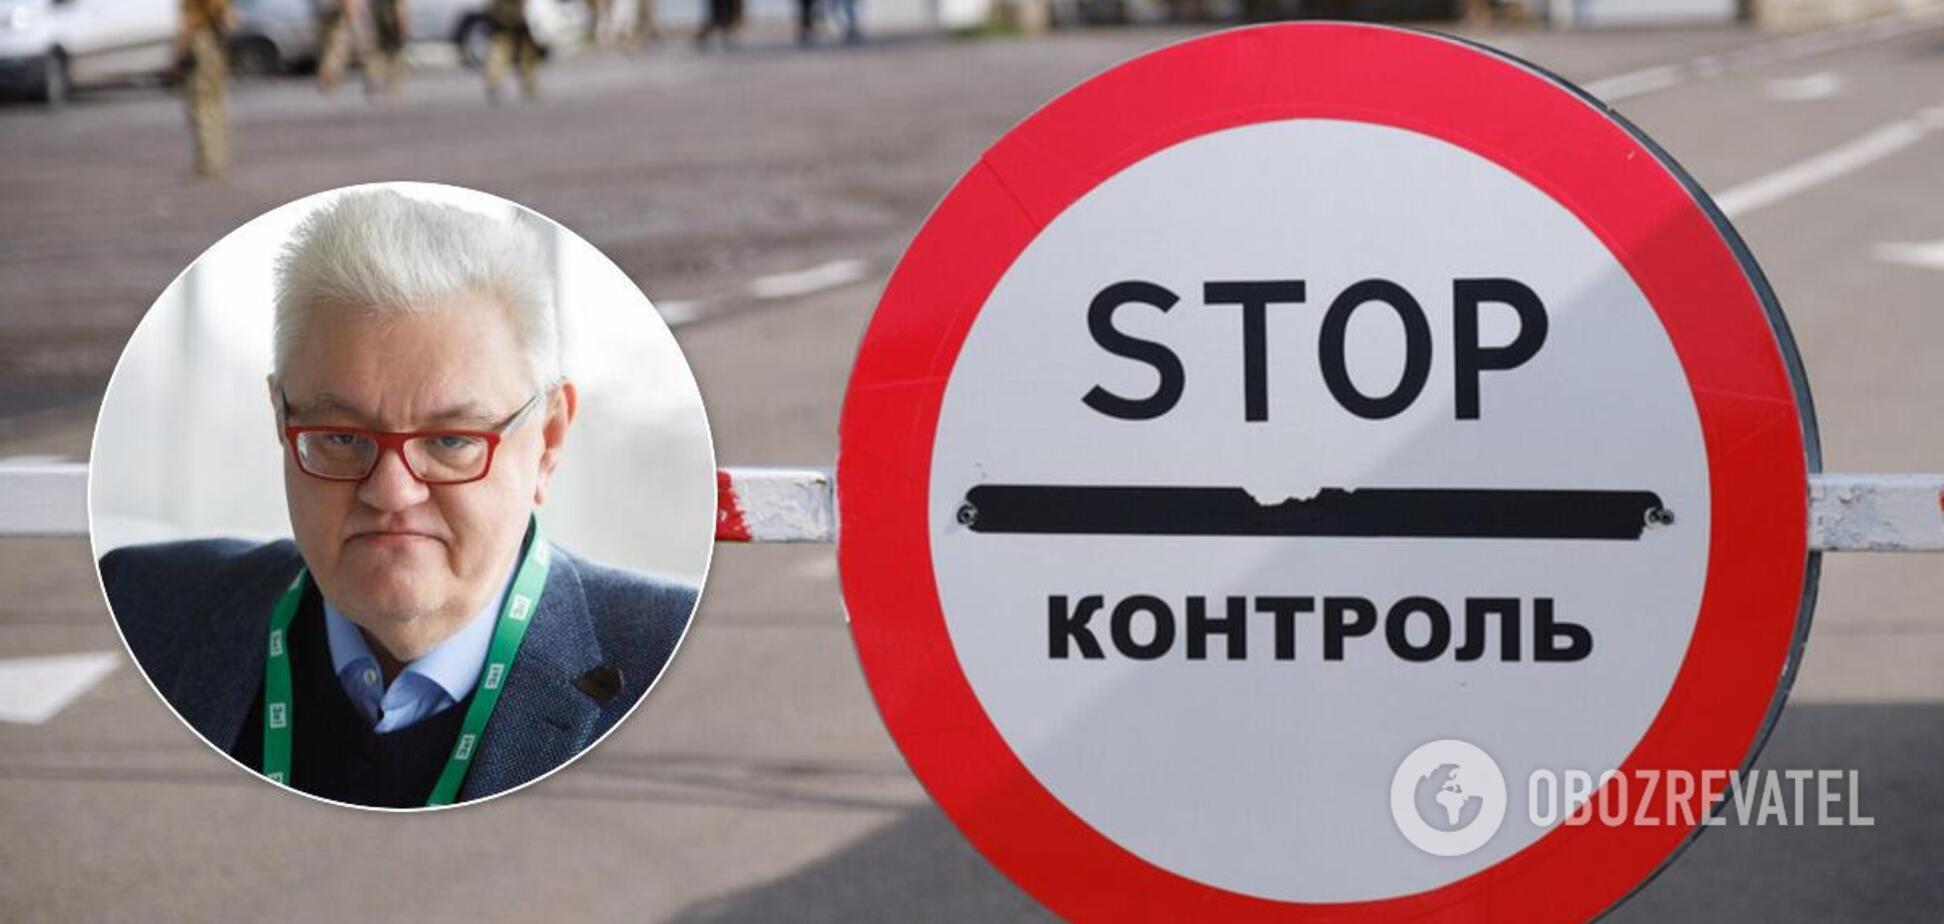 Сергей Сивохо назвал закрытие КПВВ со стороны 'ДНР' местью